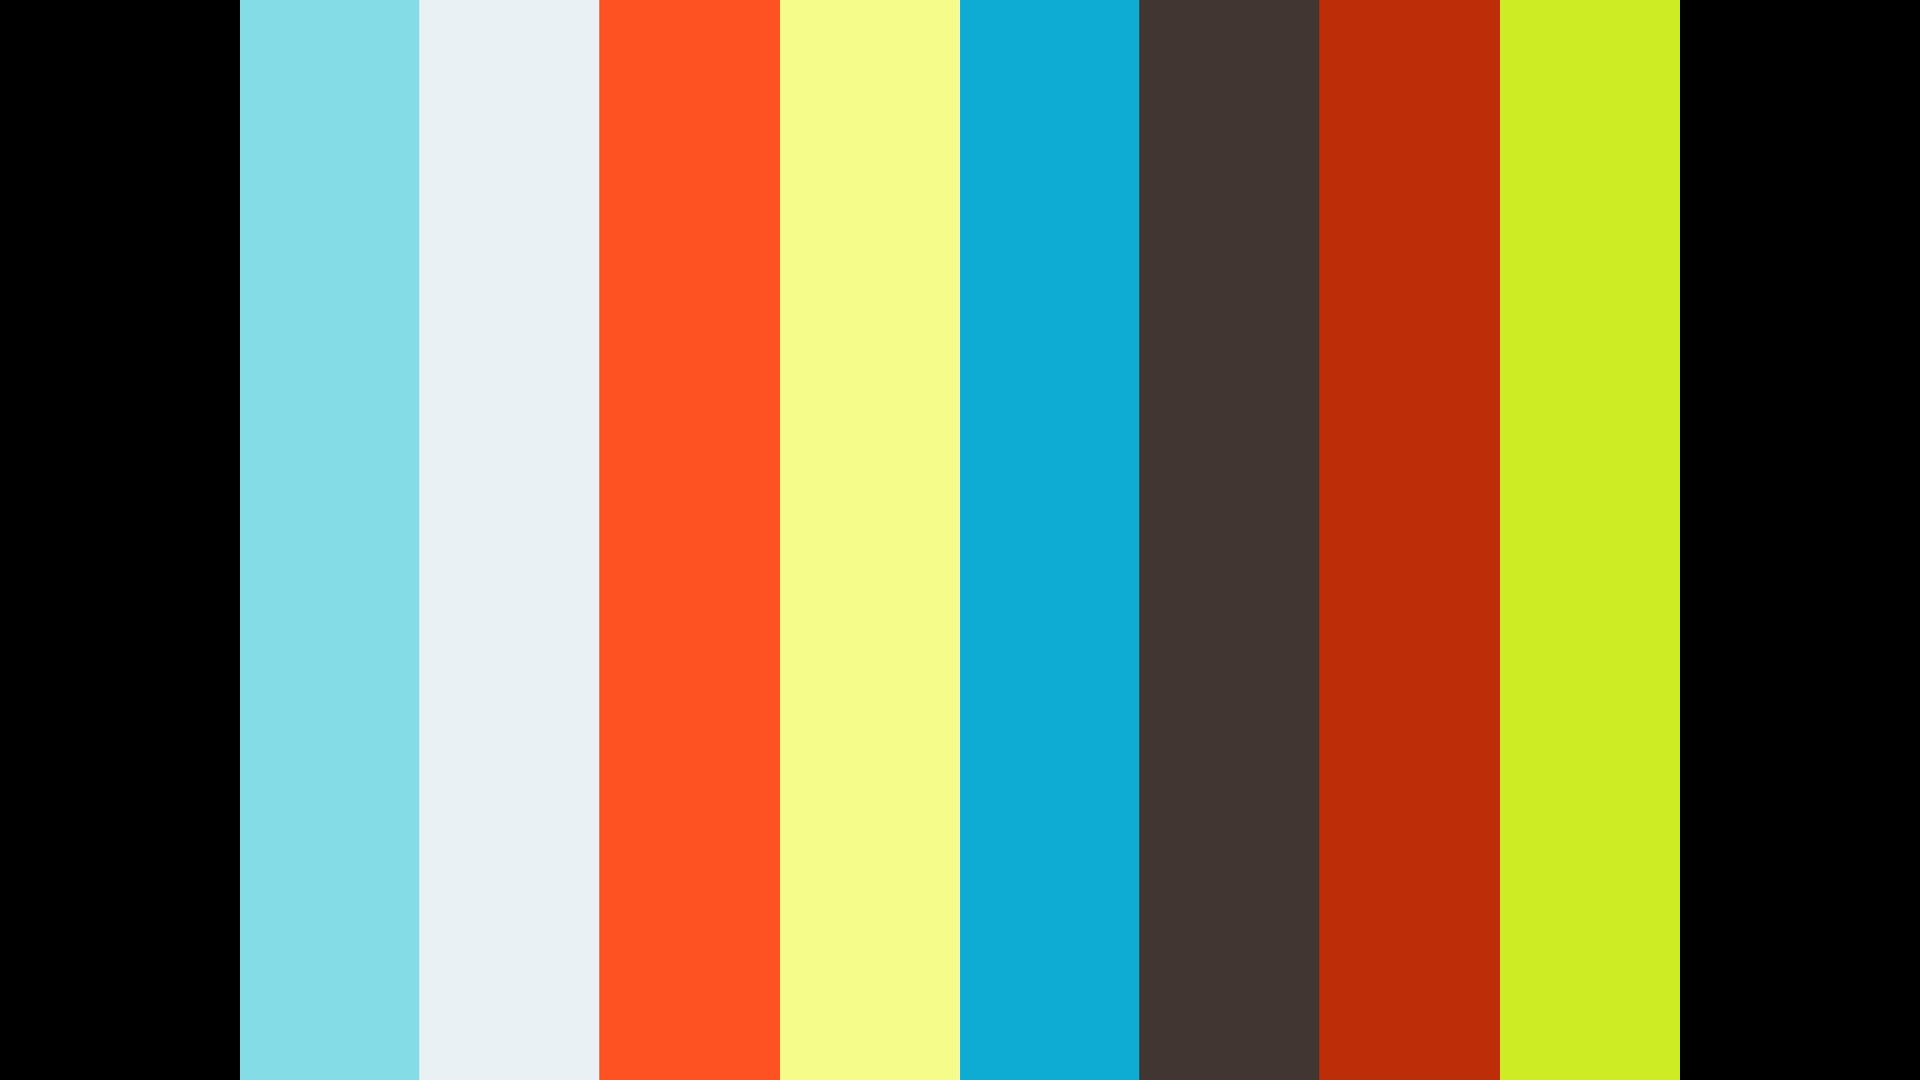 Vidéo CRÉDIT AGRICOLE: Pedica ep. 03